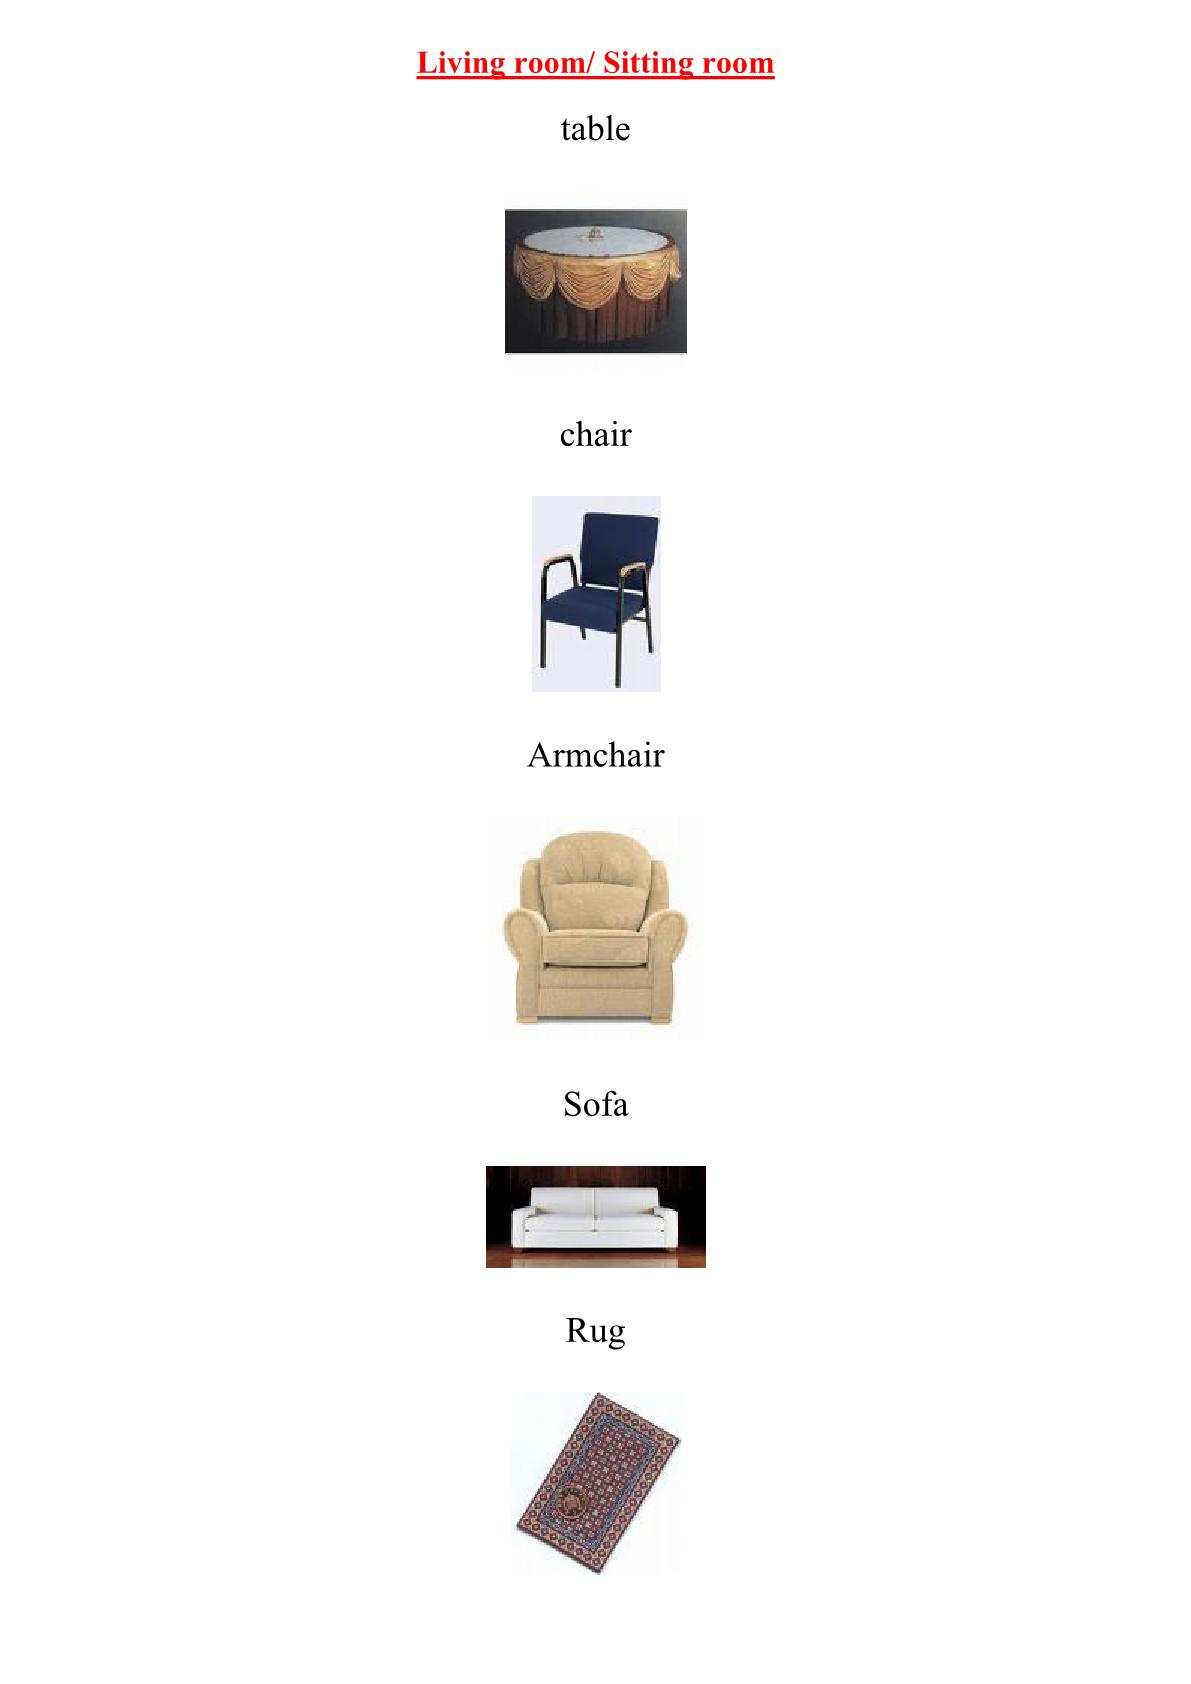 درس Vocabulary: Living room/ Sitting room للسنة الثالثة إعدادي